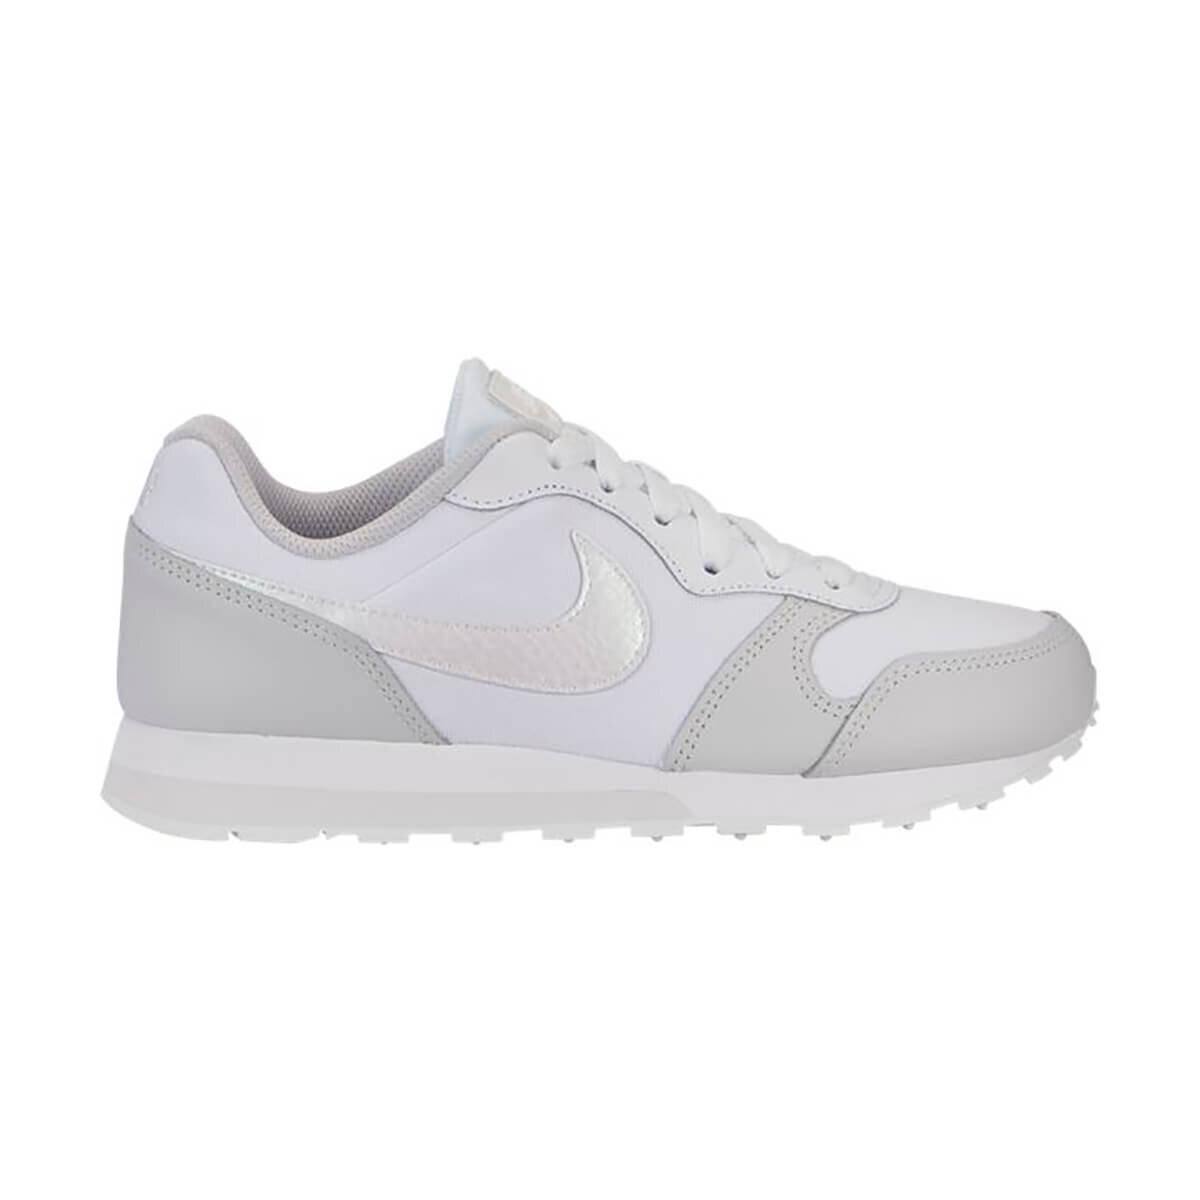 BEYAZ Kız Çocuk Sneaker Ayakkabı MD RUNNER 2 (GS)